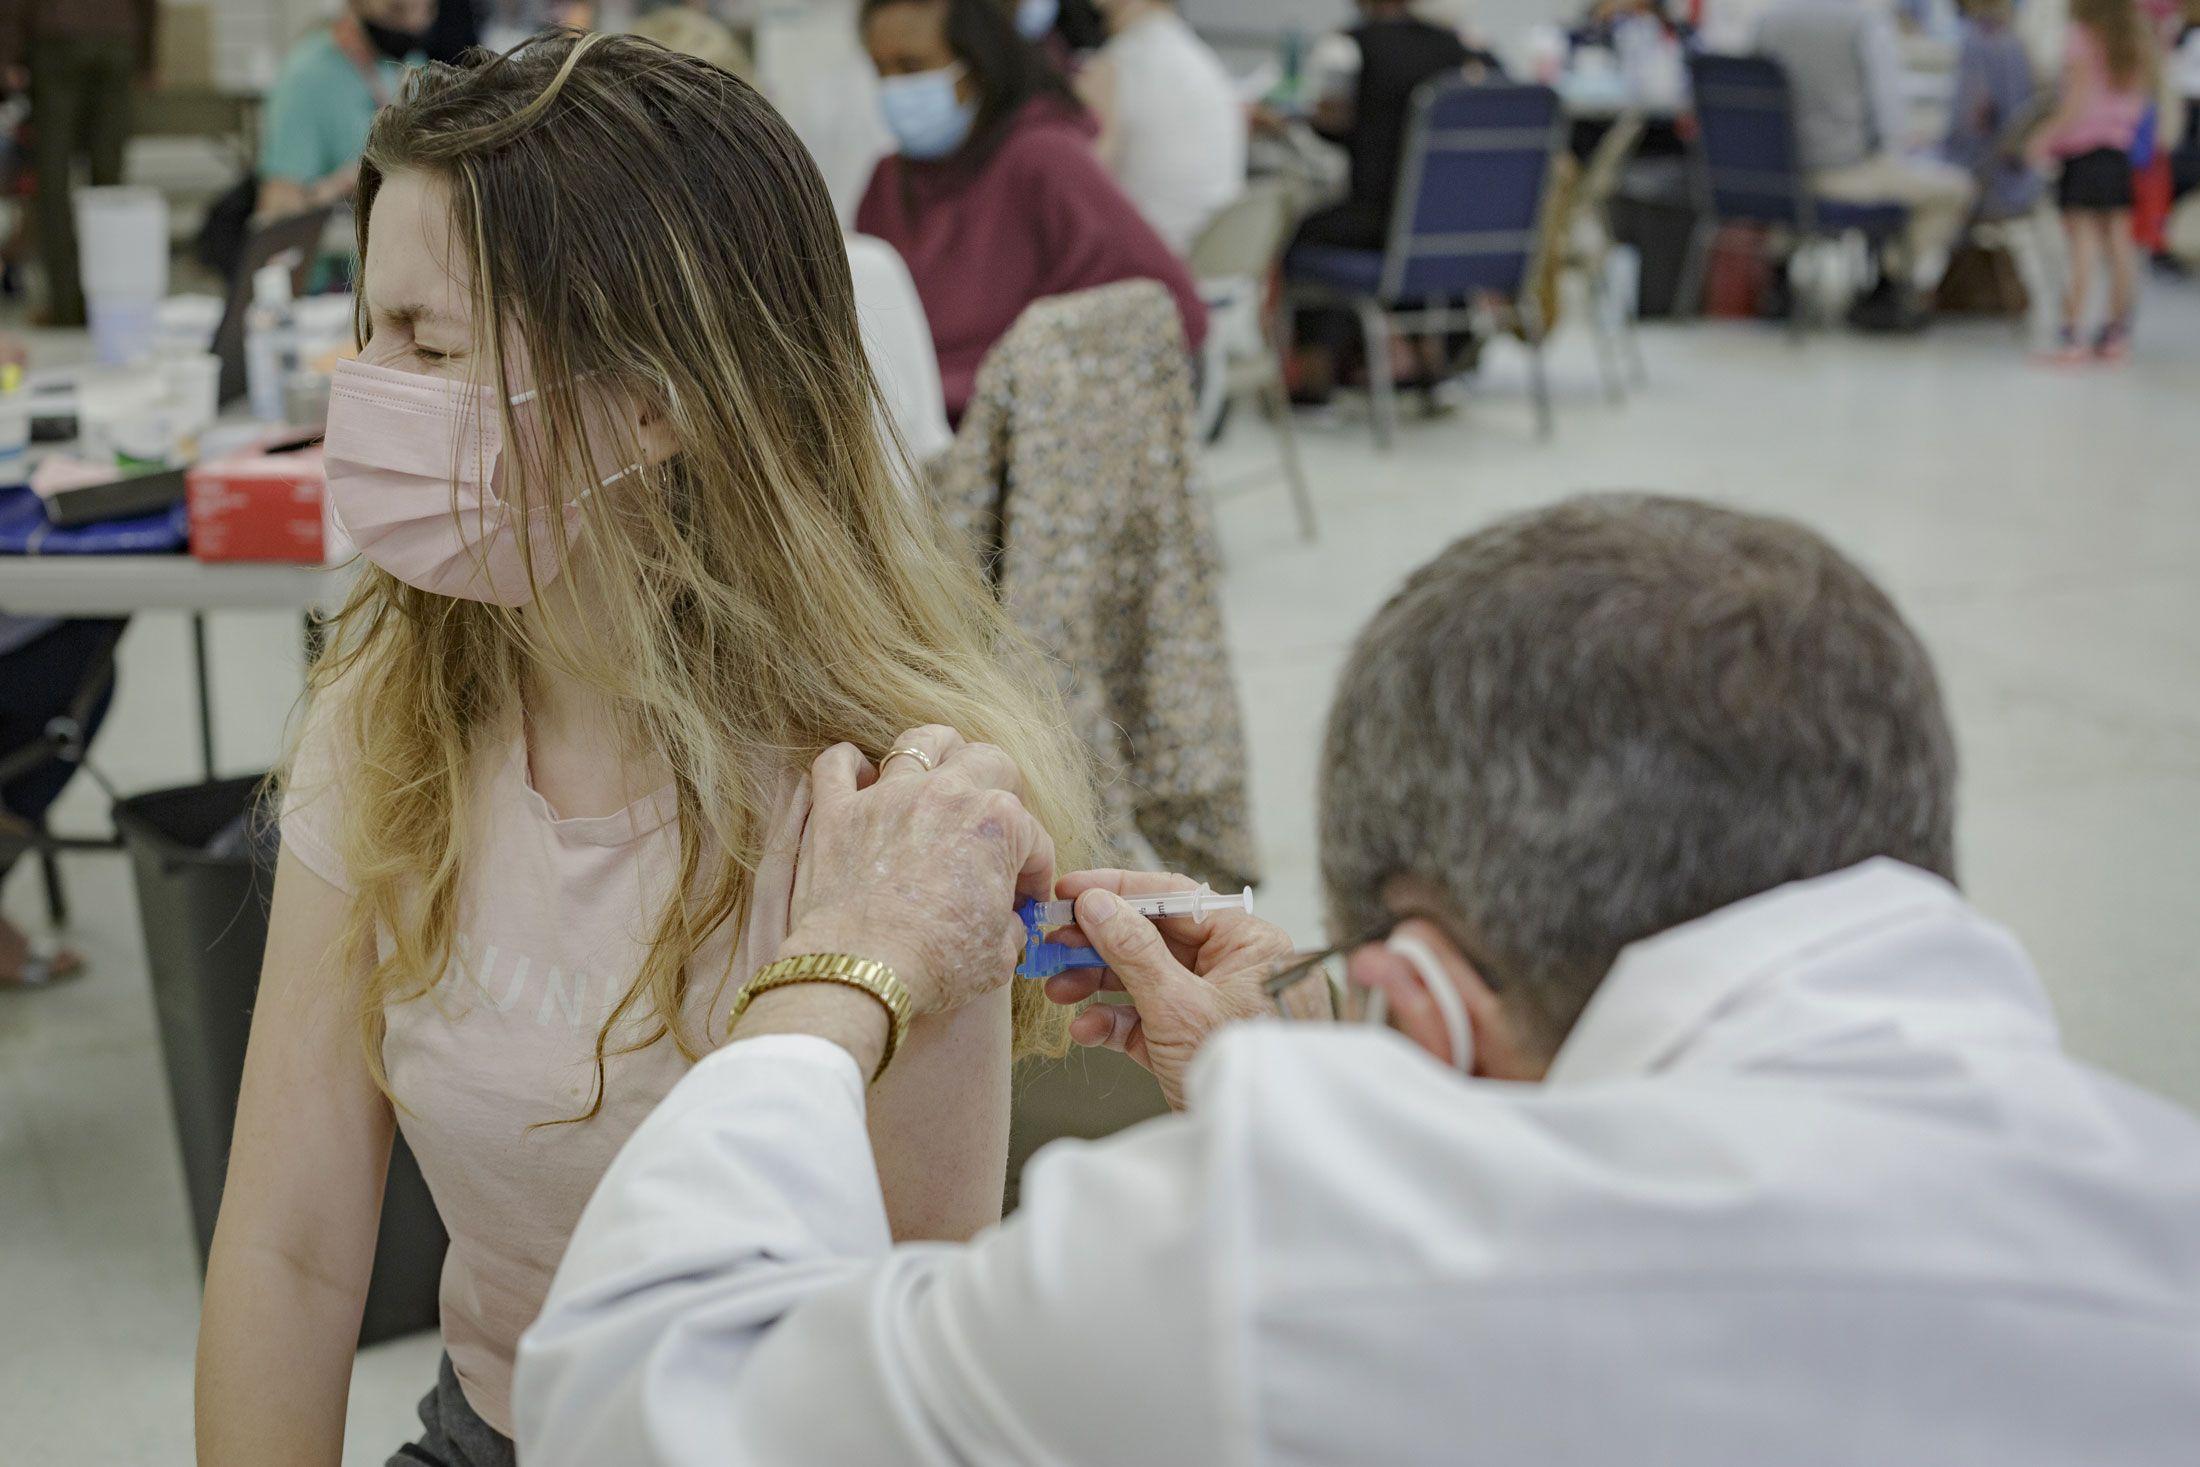 En México nos preocupa que faltan millones de vacunas COVID... en EU se  preocupan porque sobran – El Financiero